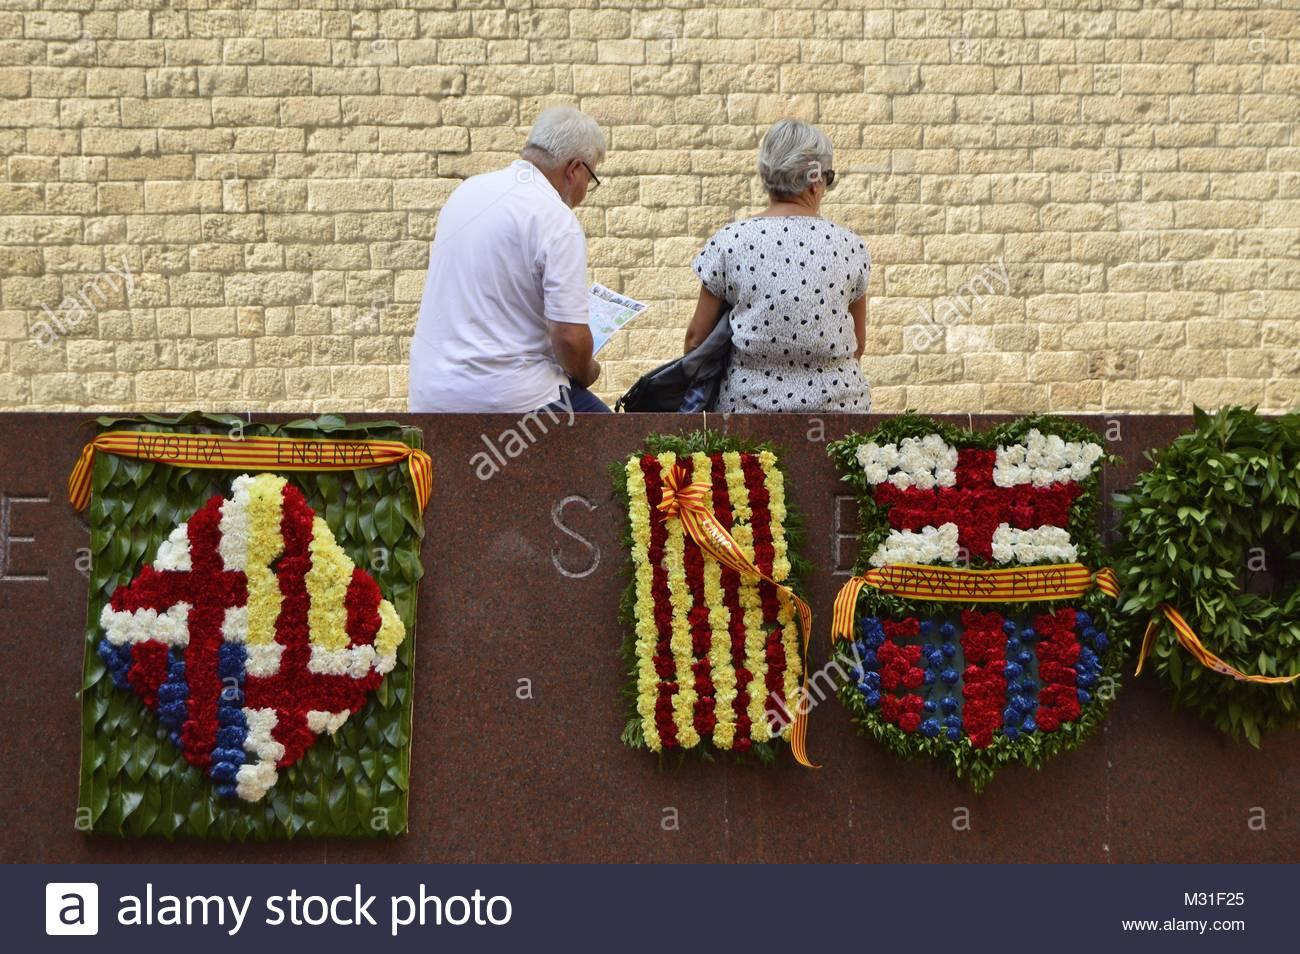 Vieux couple mur de guirlandes Barcelone Espagne Europe. Journée nationale de la Catalogne 11.9.2015 Photo Stock